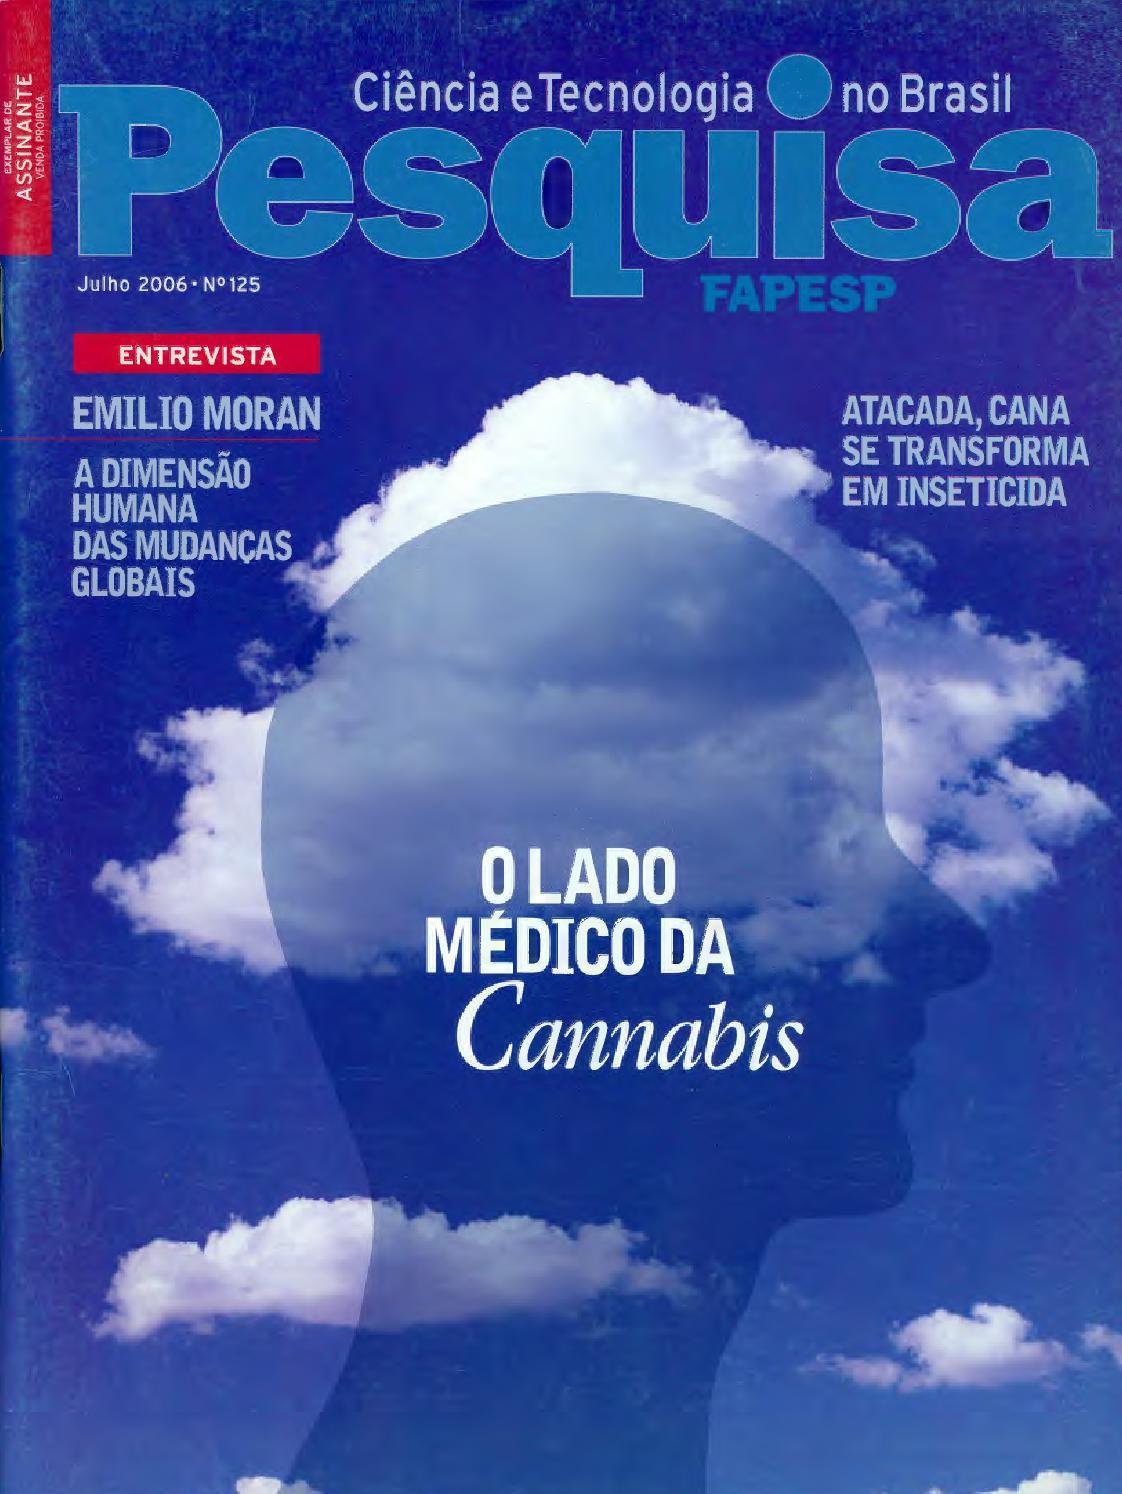 a767082b0e8 O lado médico da Cannabis by Pesquisa Fapesp - issuu